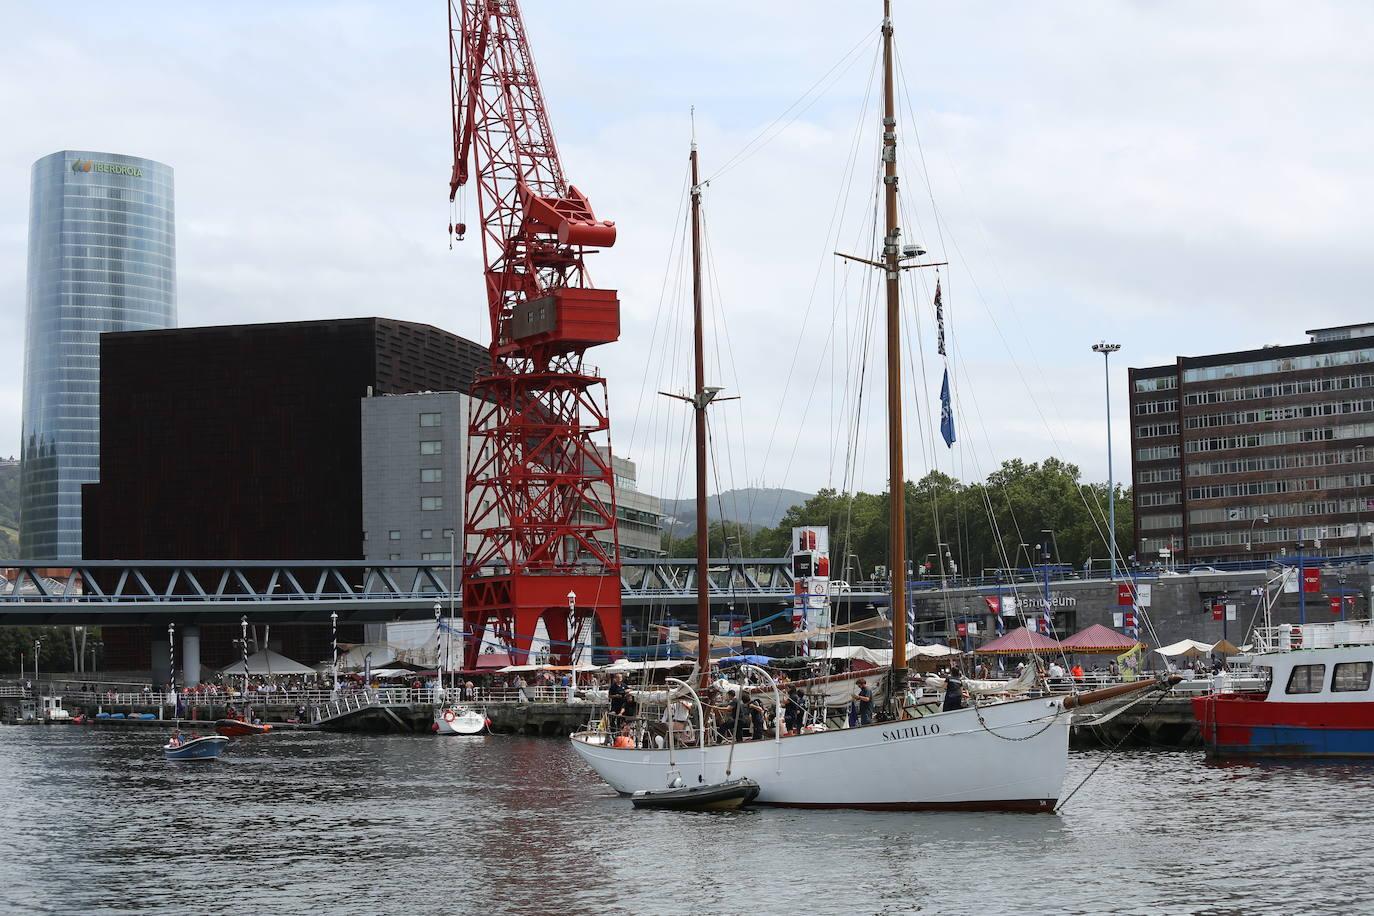 La visita del velero 'Saltillo' en el Museo Marítimo